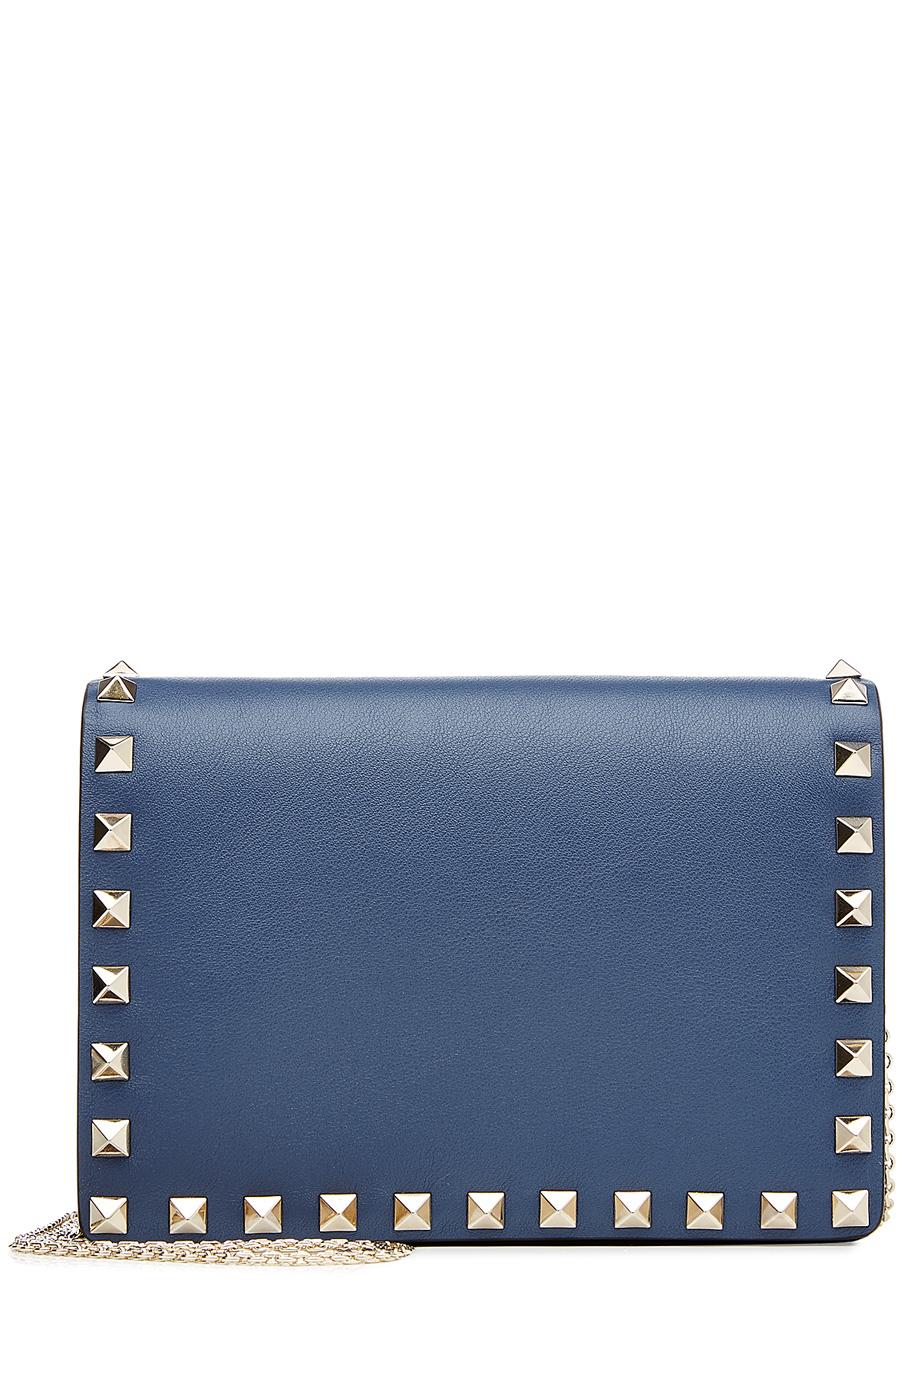 Valentino Garavani Rockstud Leather Shoulder Bag In Blue